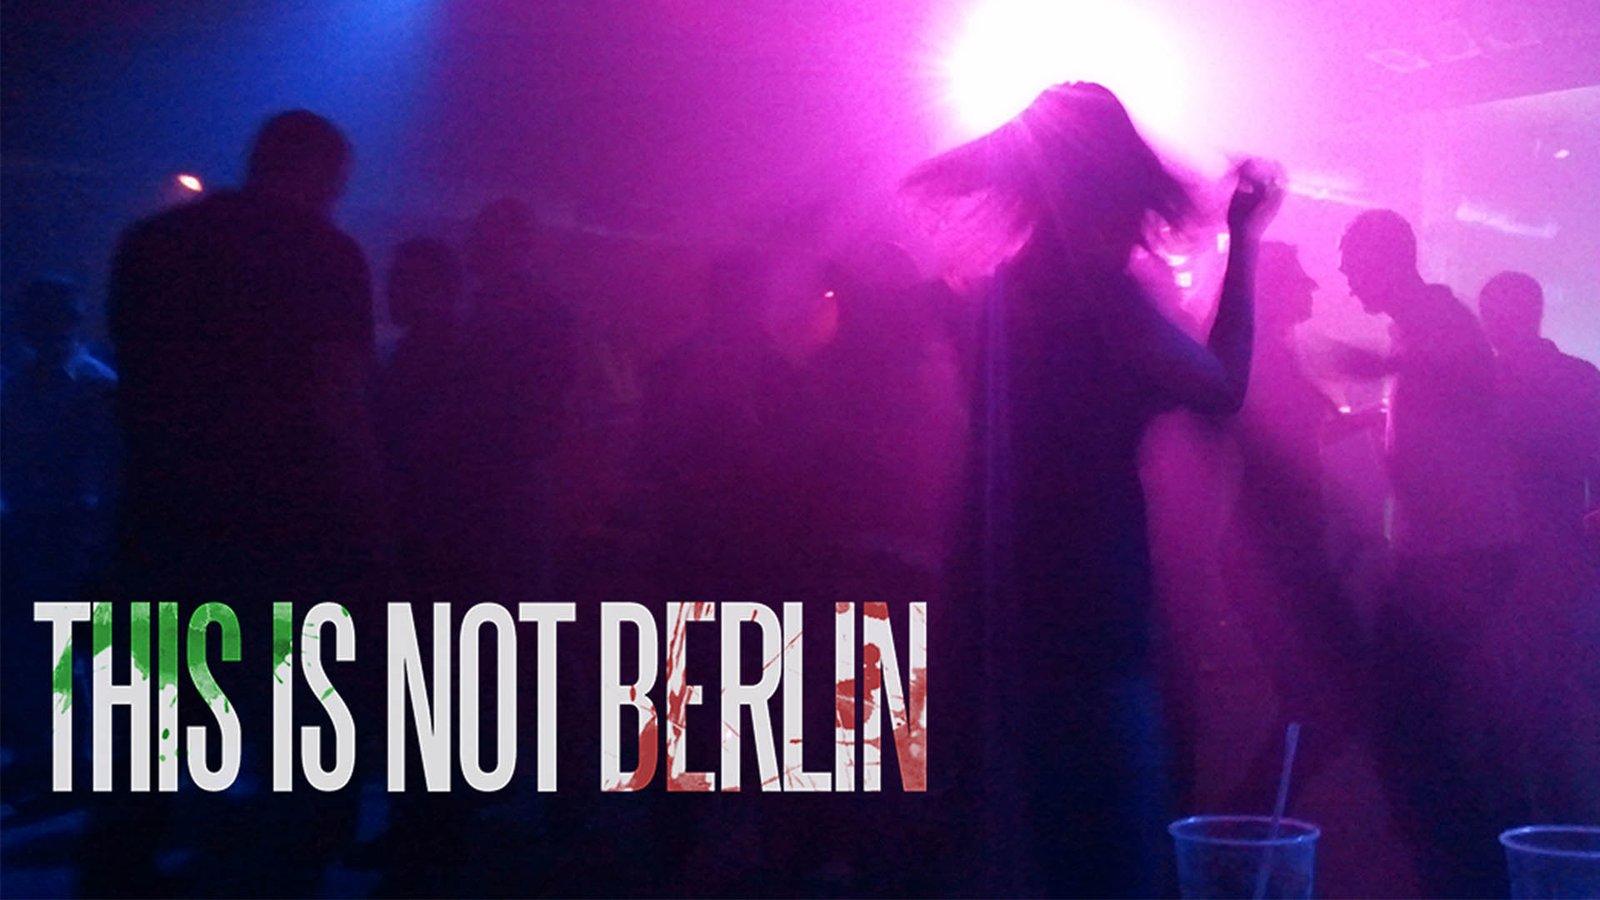 This Is Not Berlin - Esto no es Berlín